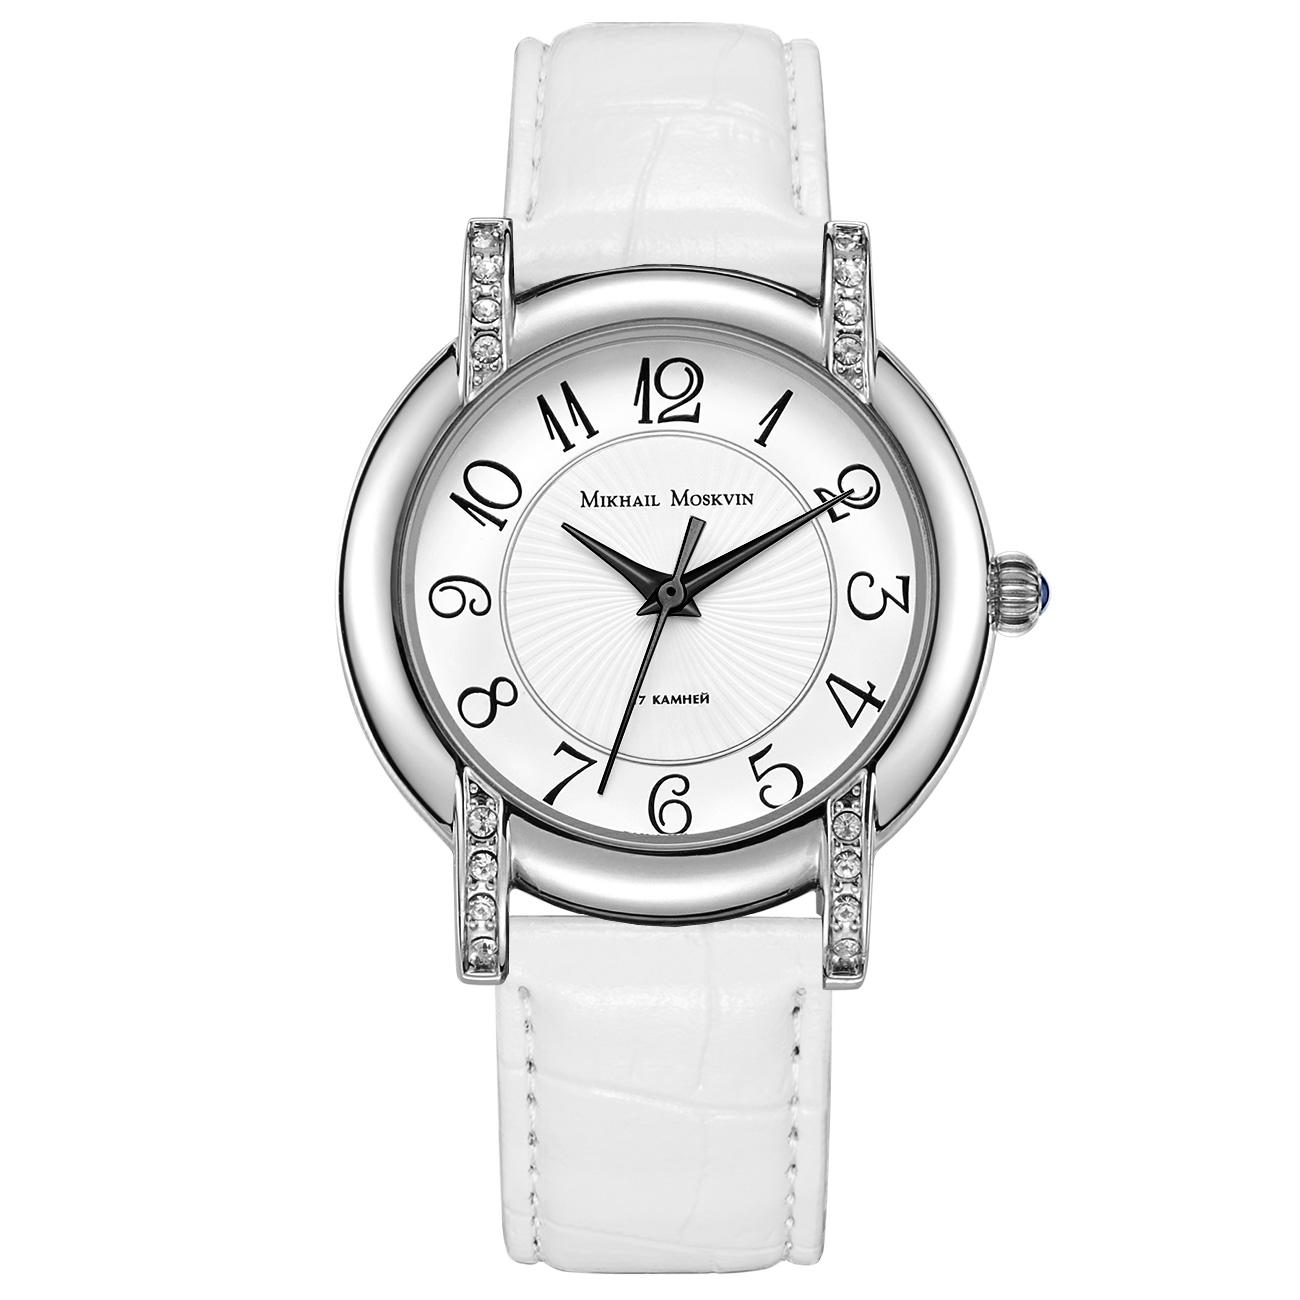 Часы Mikhail Moskvin 545-6-6 все цены